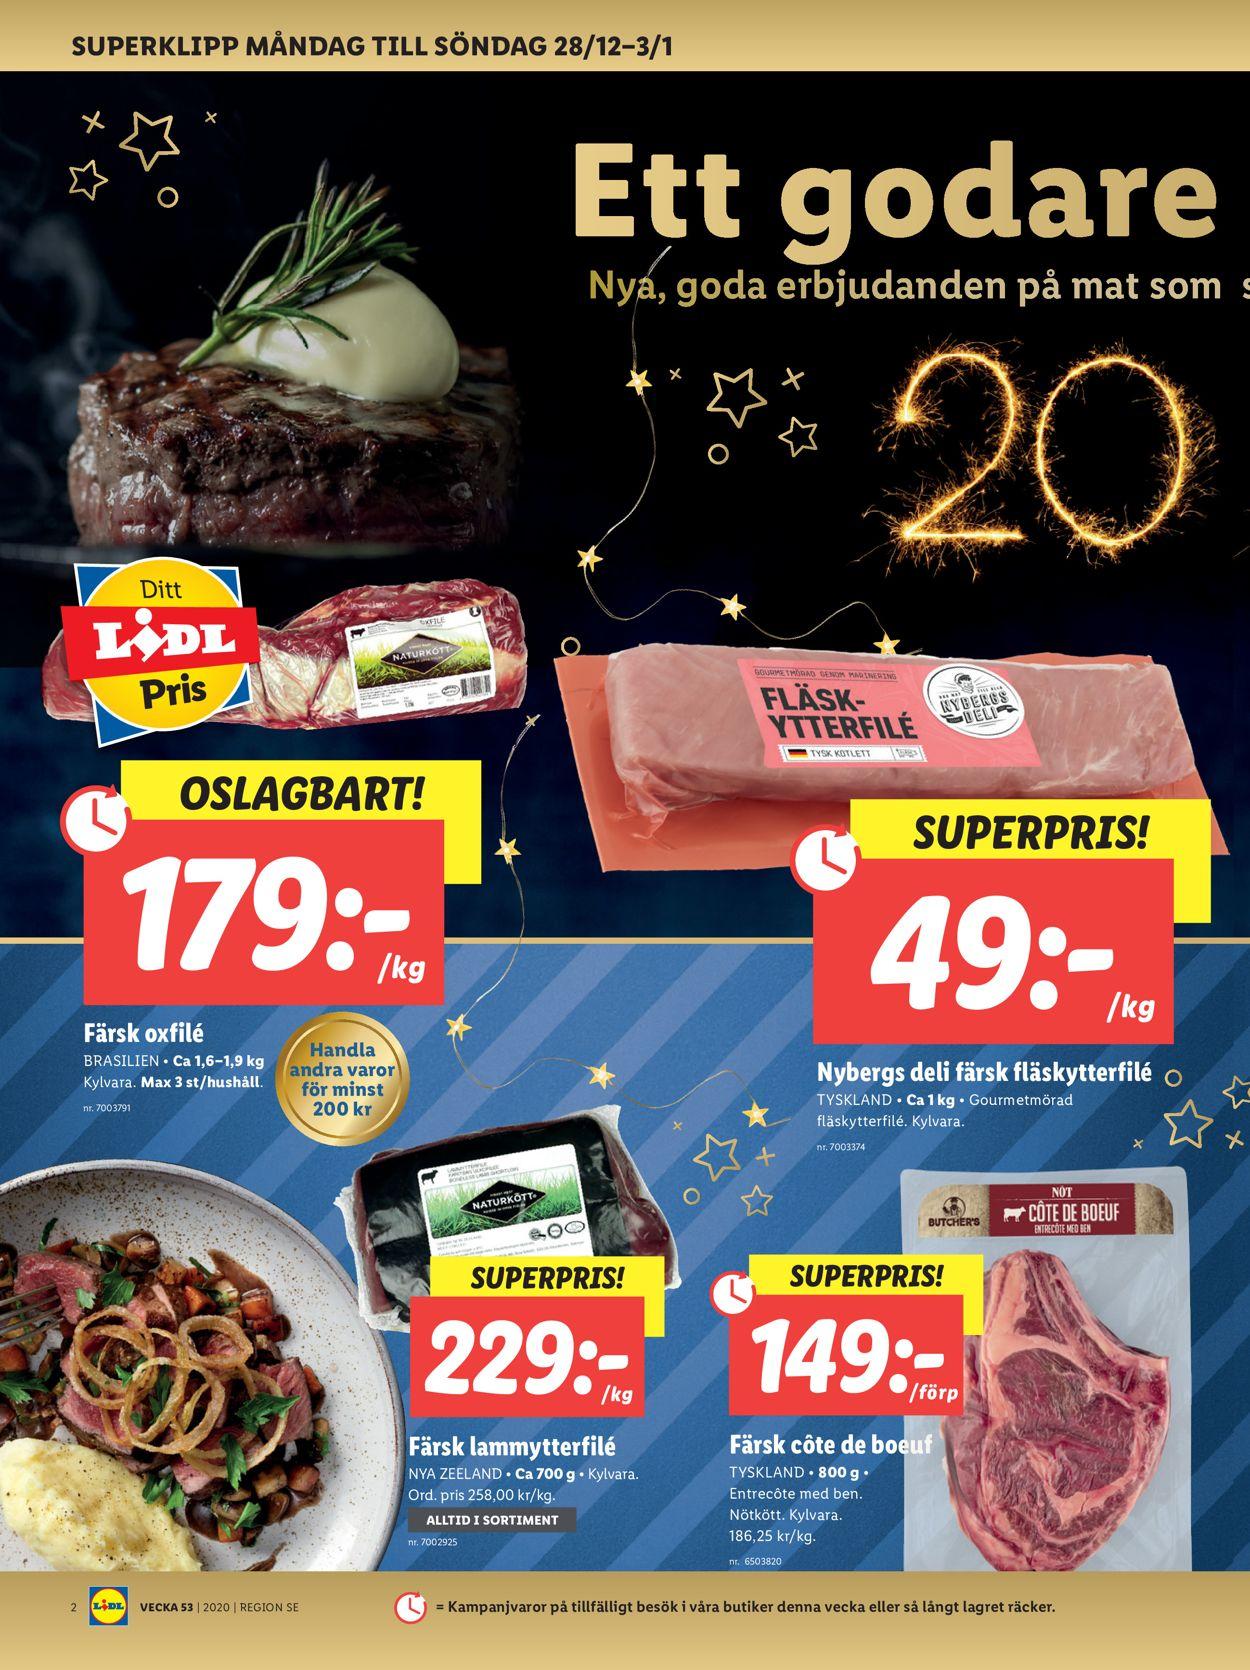 Lidl - Julen 2020 - Reklamblad - 28/12-03/01-2021 (Sida 2)